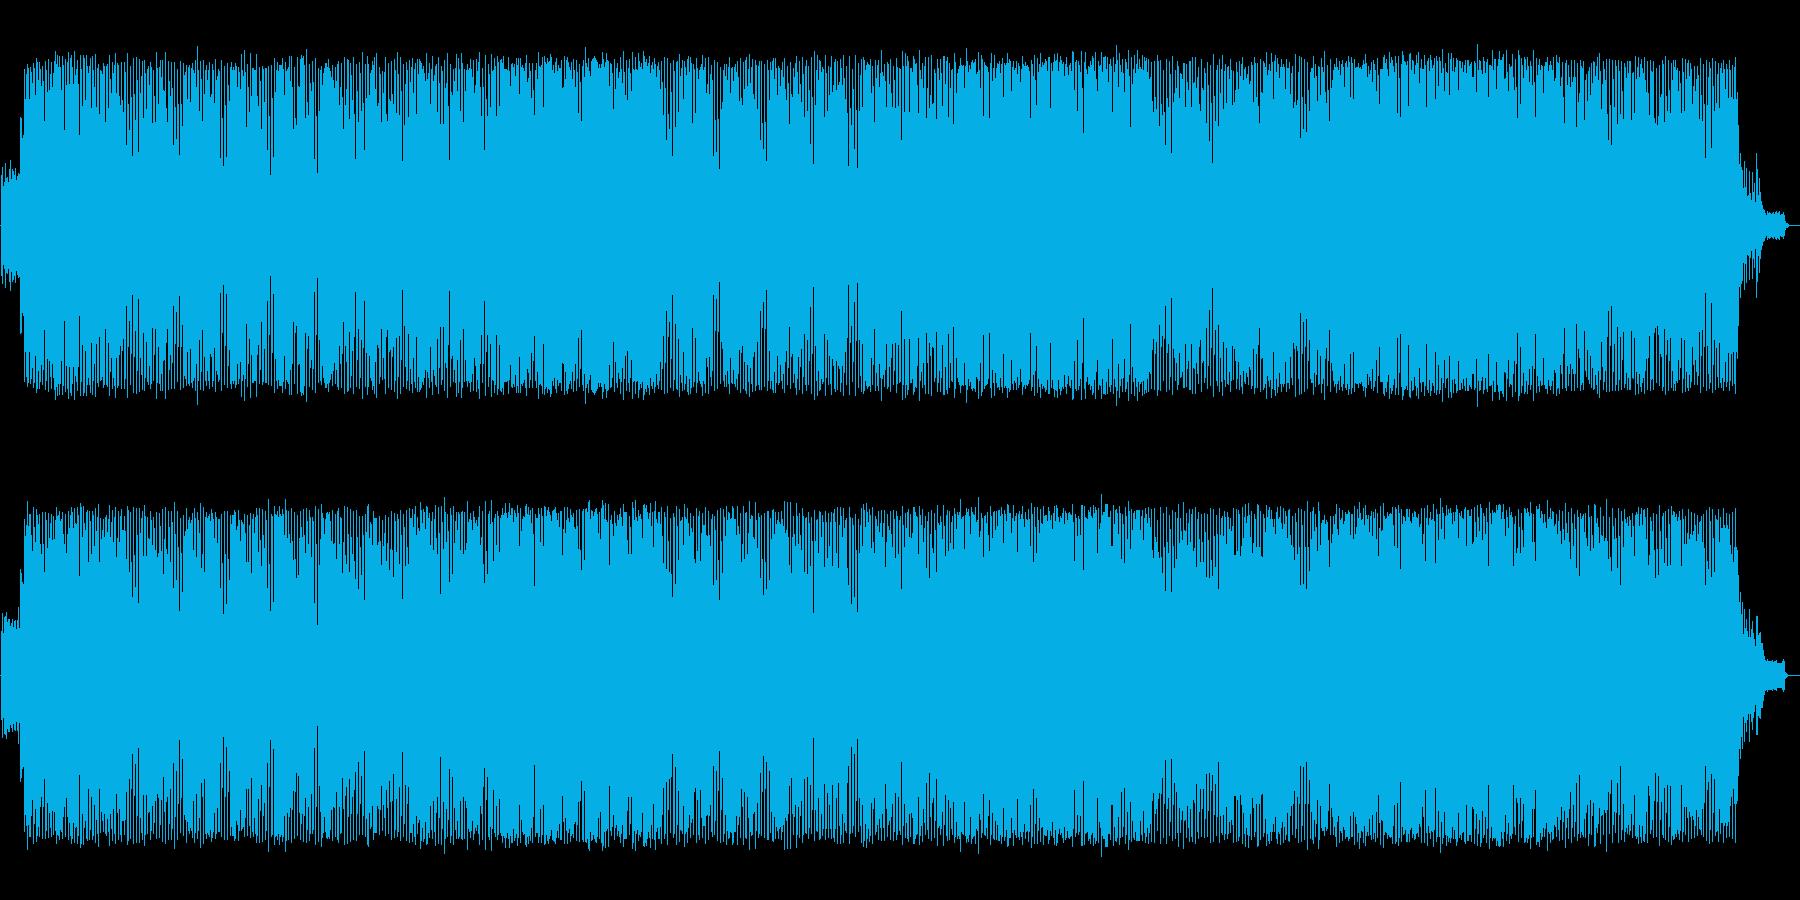 結婚式などで使えるキラキラポップソングの再生済みの波形